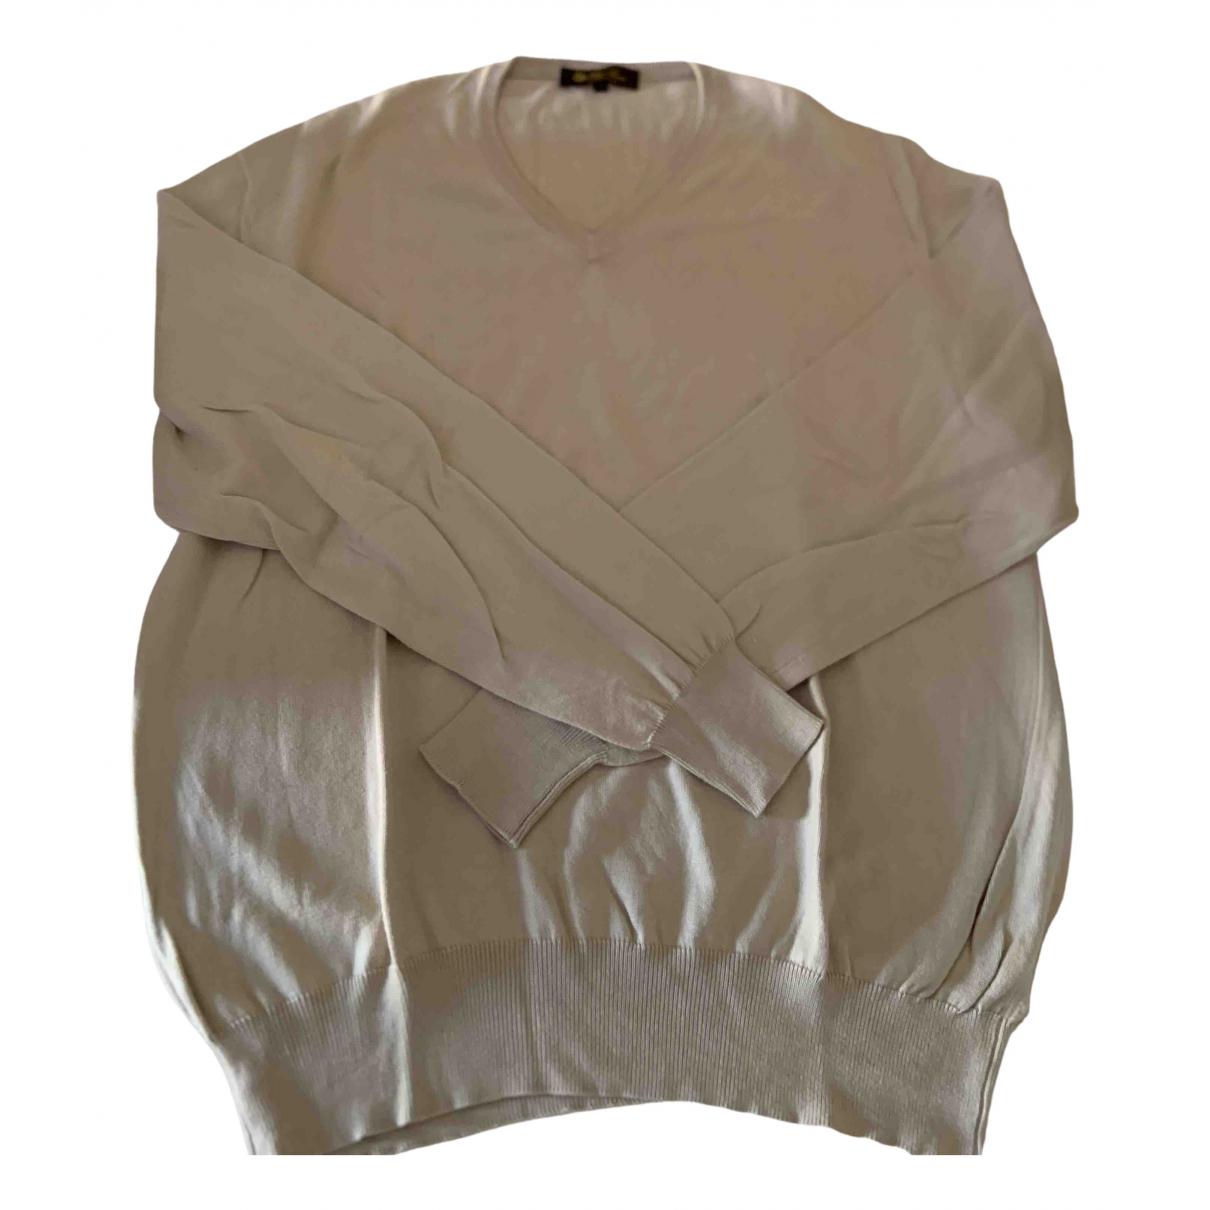 Loro Piana N Beige Cotton Knitwear & Sweatshirts for Men 54 IT